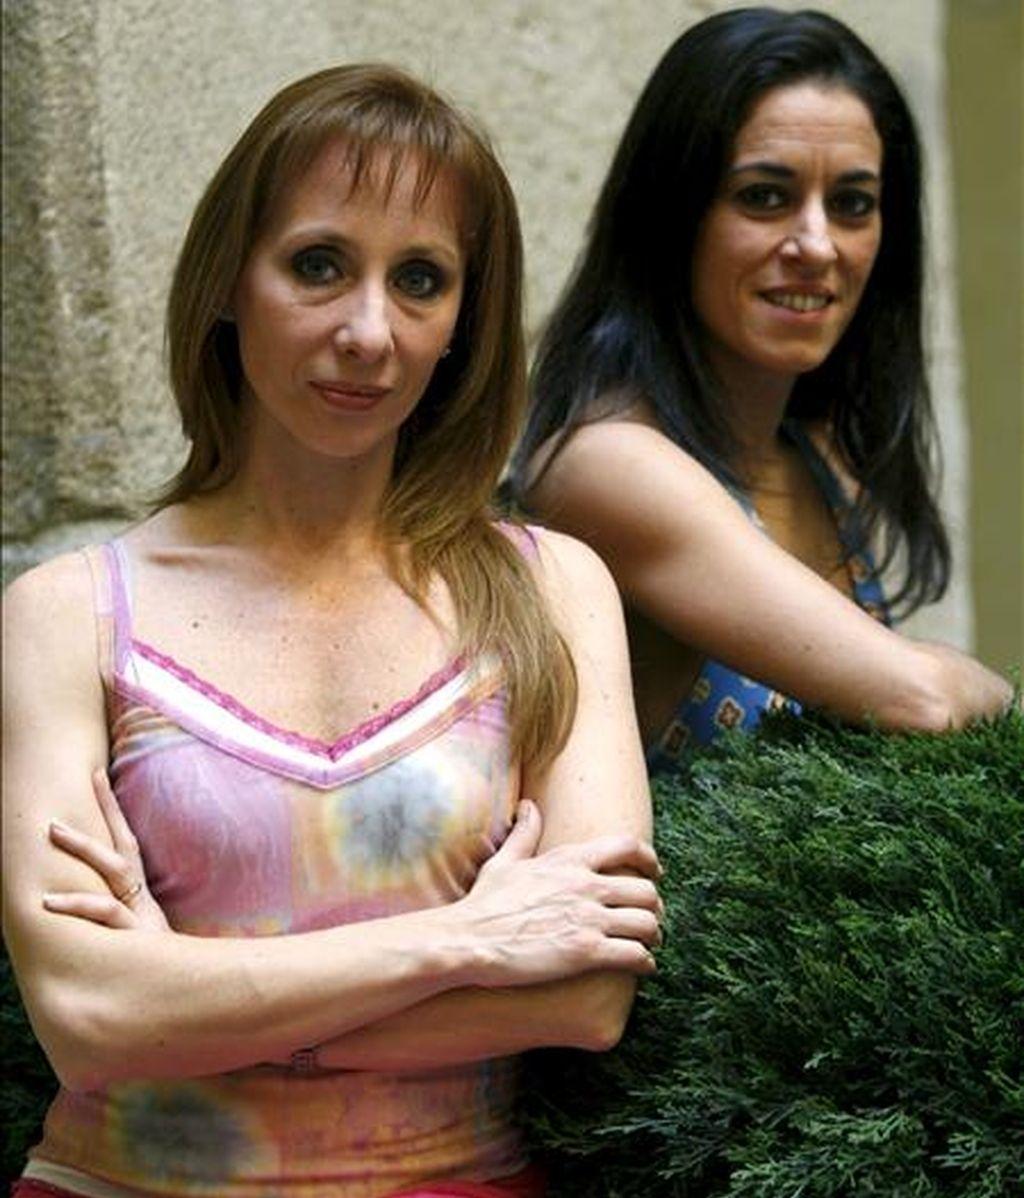 La fundadora de la Compañía Ballet Argentino, Eleonora Cassano (i), y la primera bailarina de la compañía, Cecilia Figaredo, posan con motivo de una entrevista con Efe. EFE/Archivo